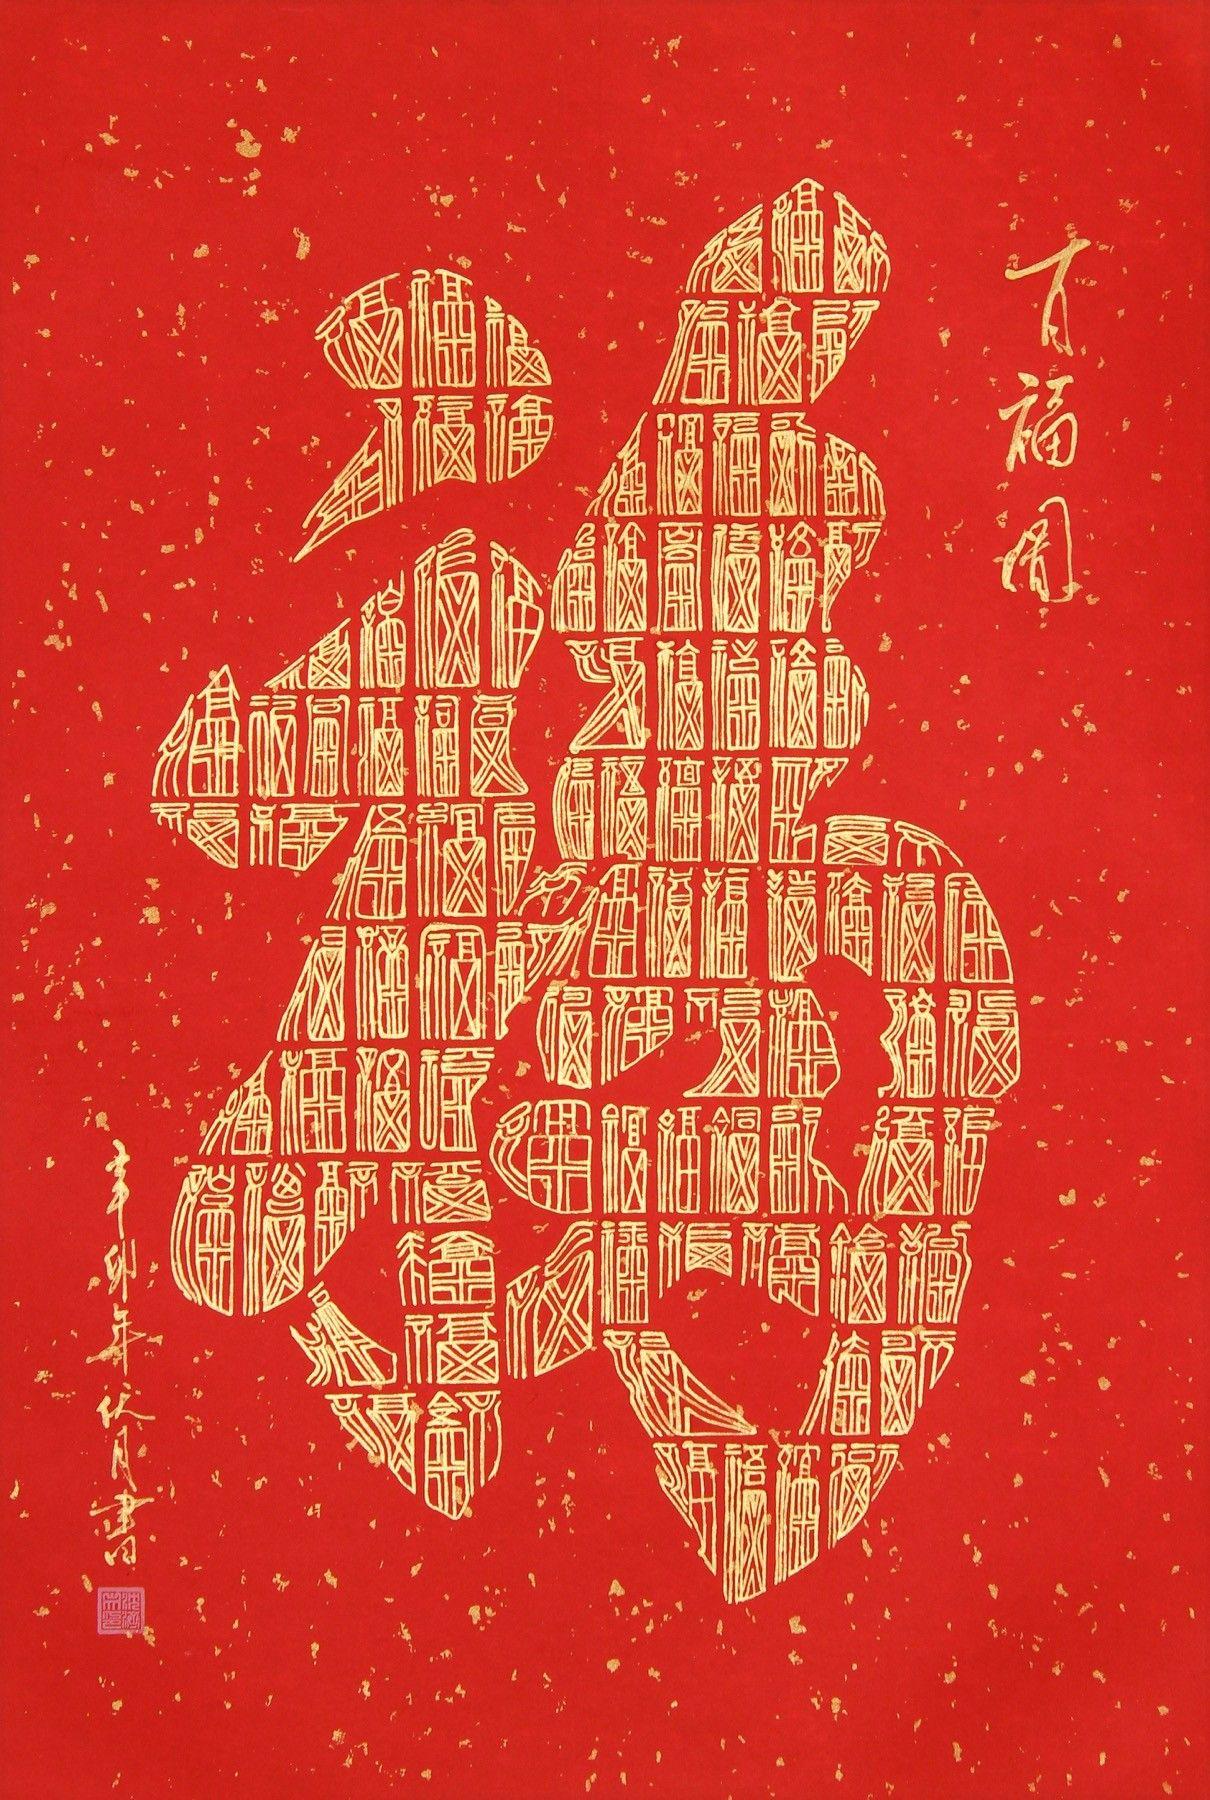 《百福图》书法,行书.作品以九十九个篆书福字,组成乾隆皇帝御笔